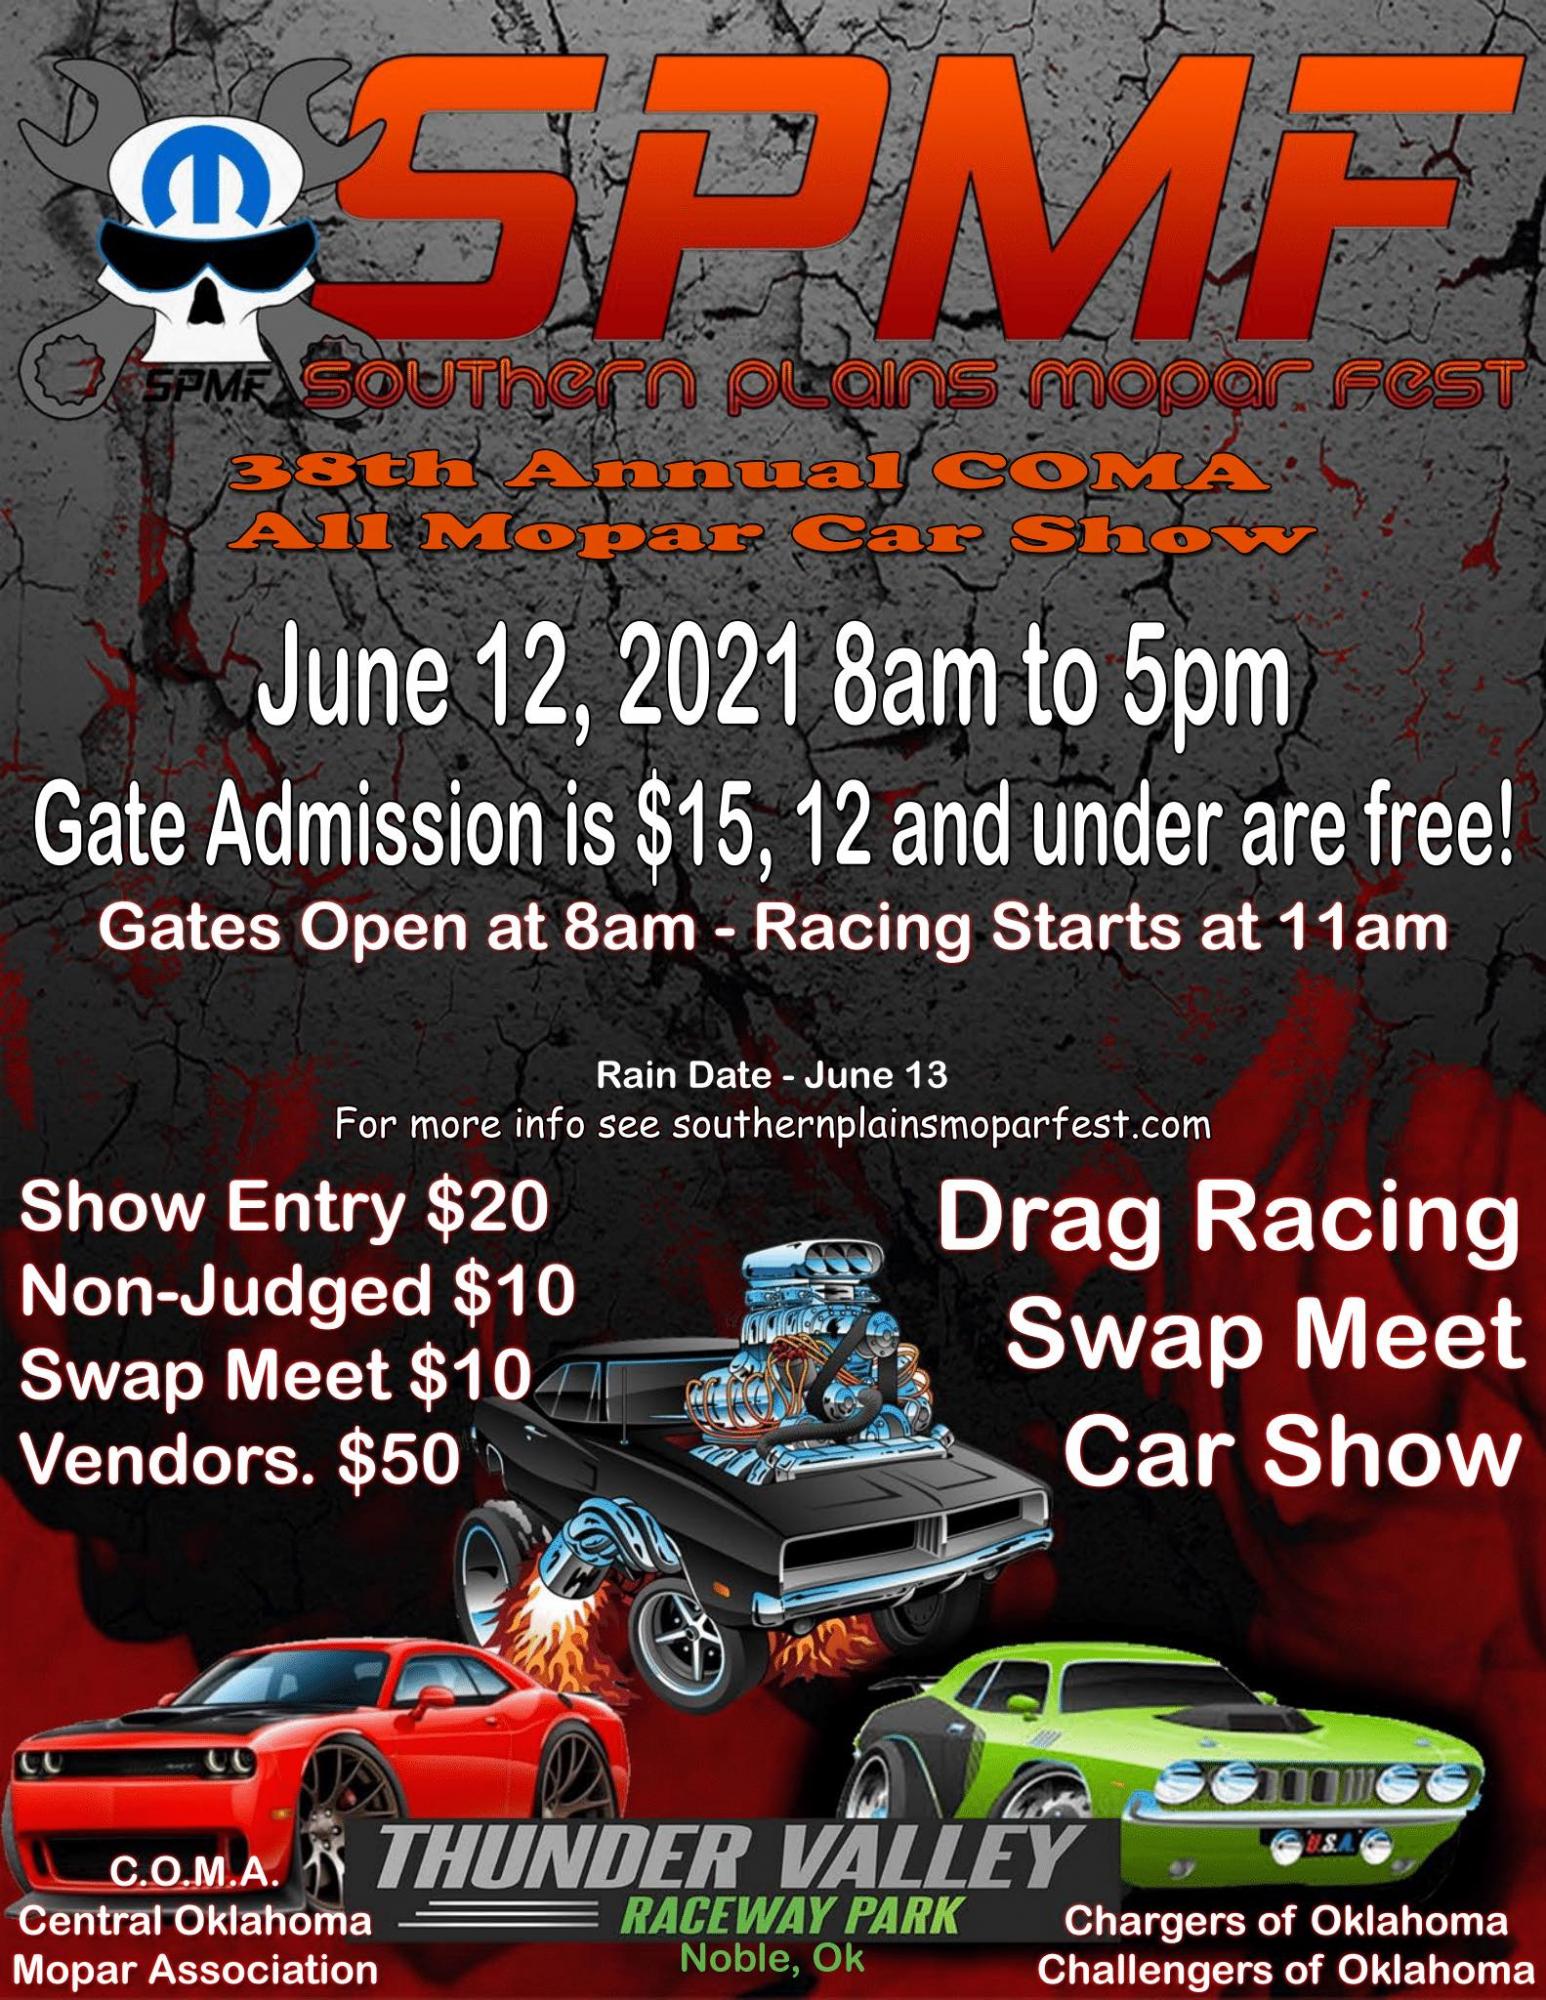 Southern Plains Mopar Fest event poster